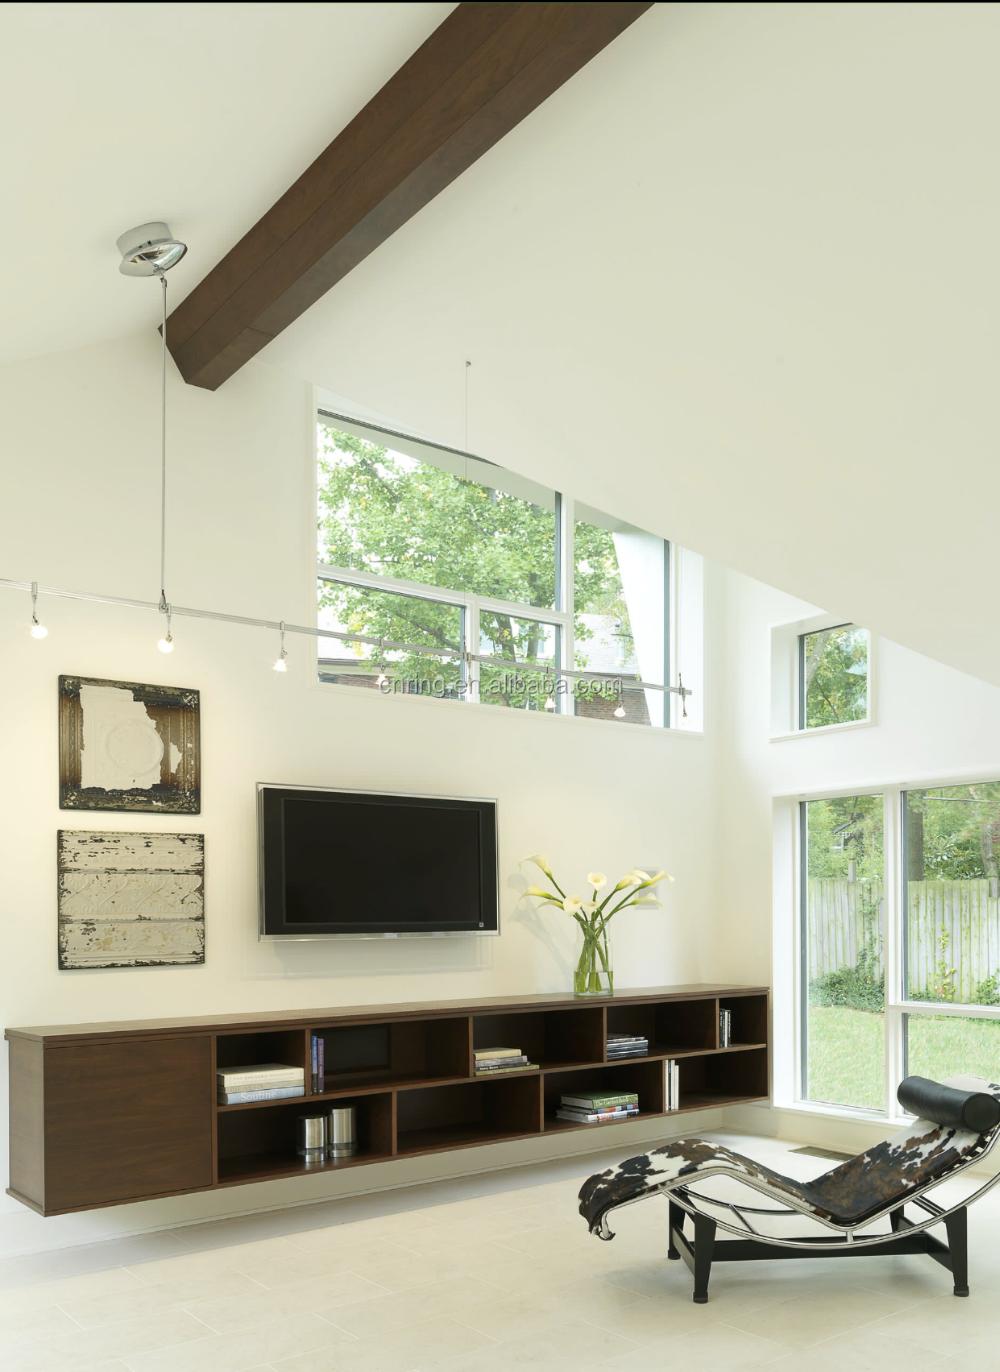 Otobi Wood Simple Designs Furniture Kitchen Cabinets In